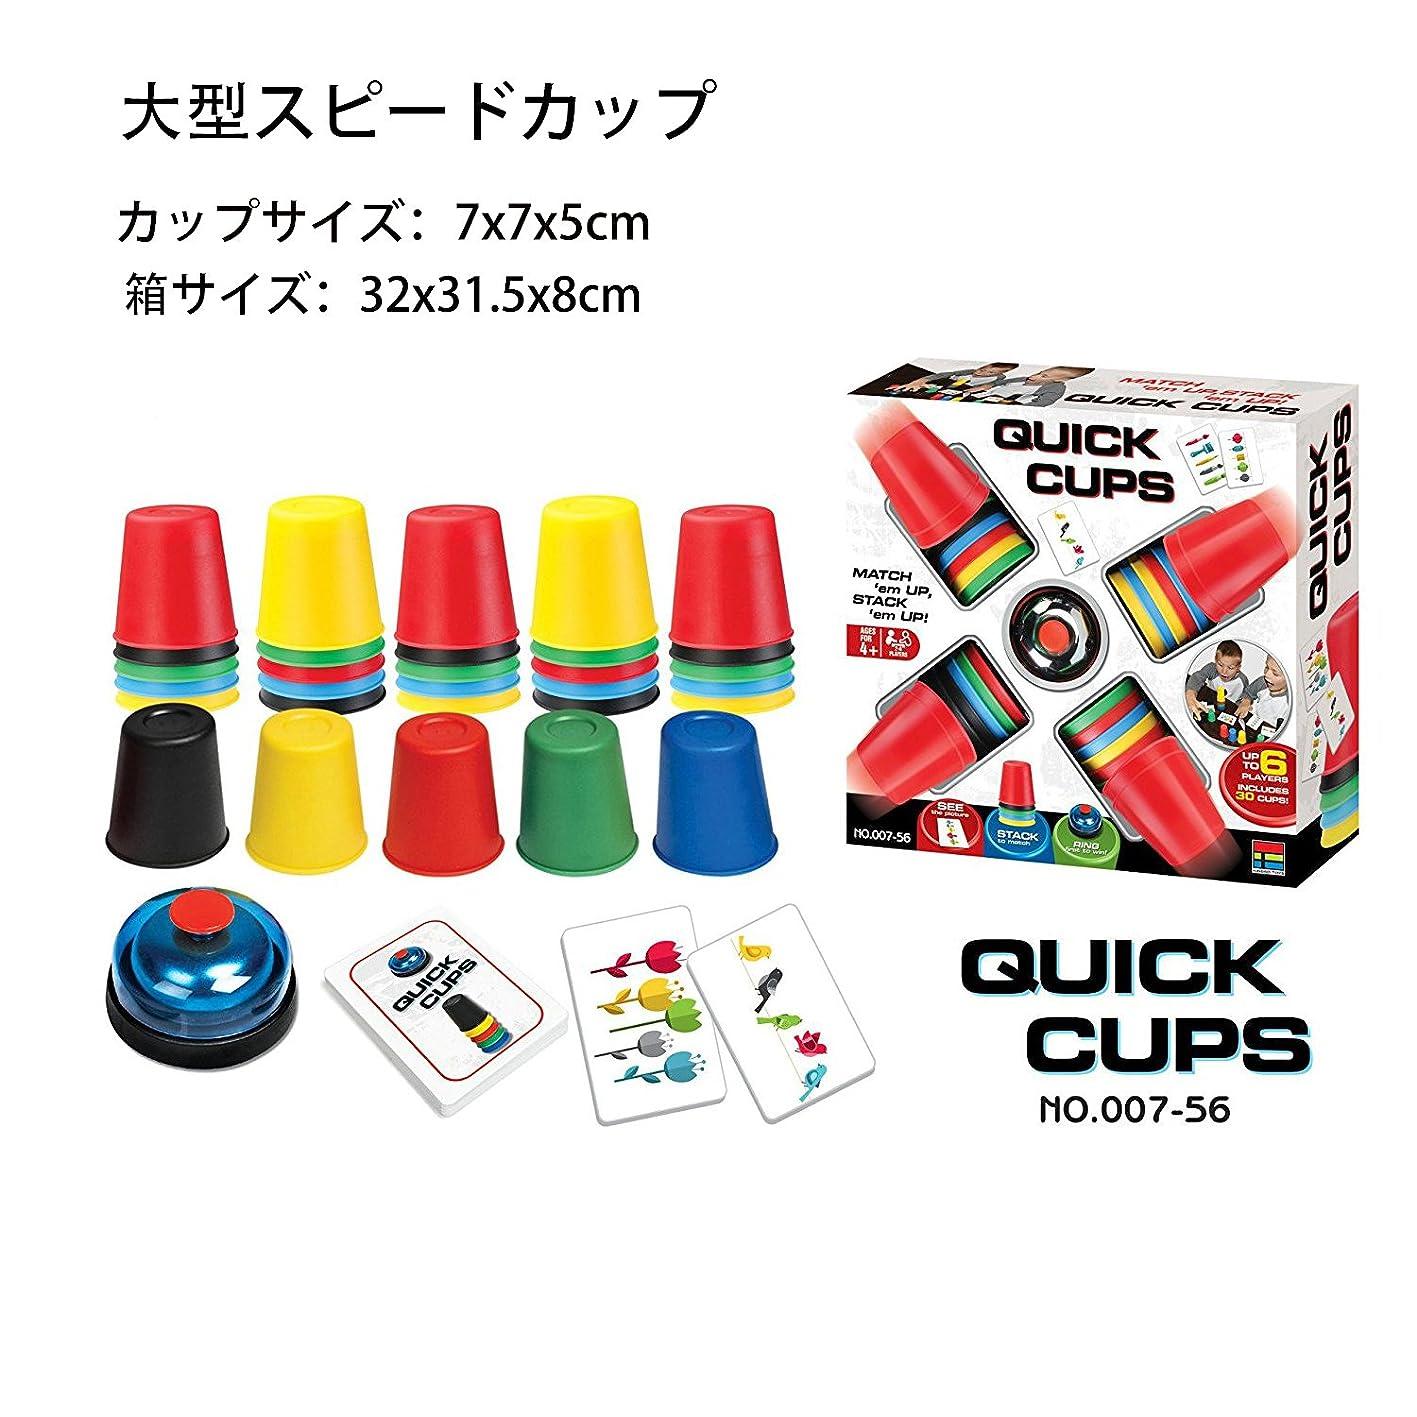 草セブン和解するWhatsko スピードカップス 教育玩具 知的ゲーム スポーツスタッキング カップ30個 脳トレ?学習ゲーム